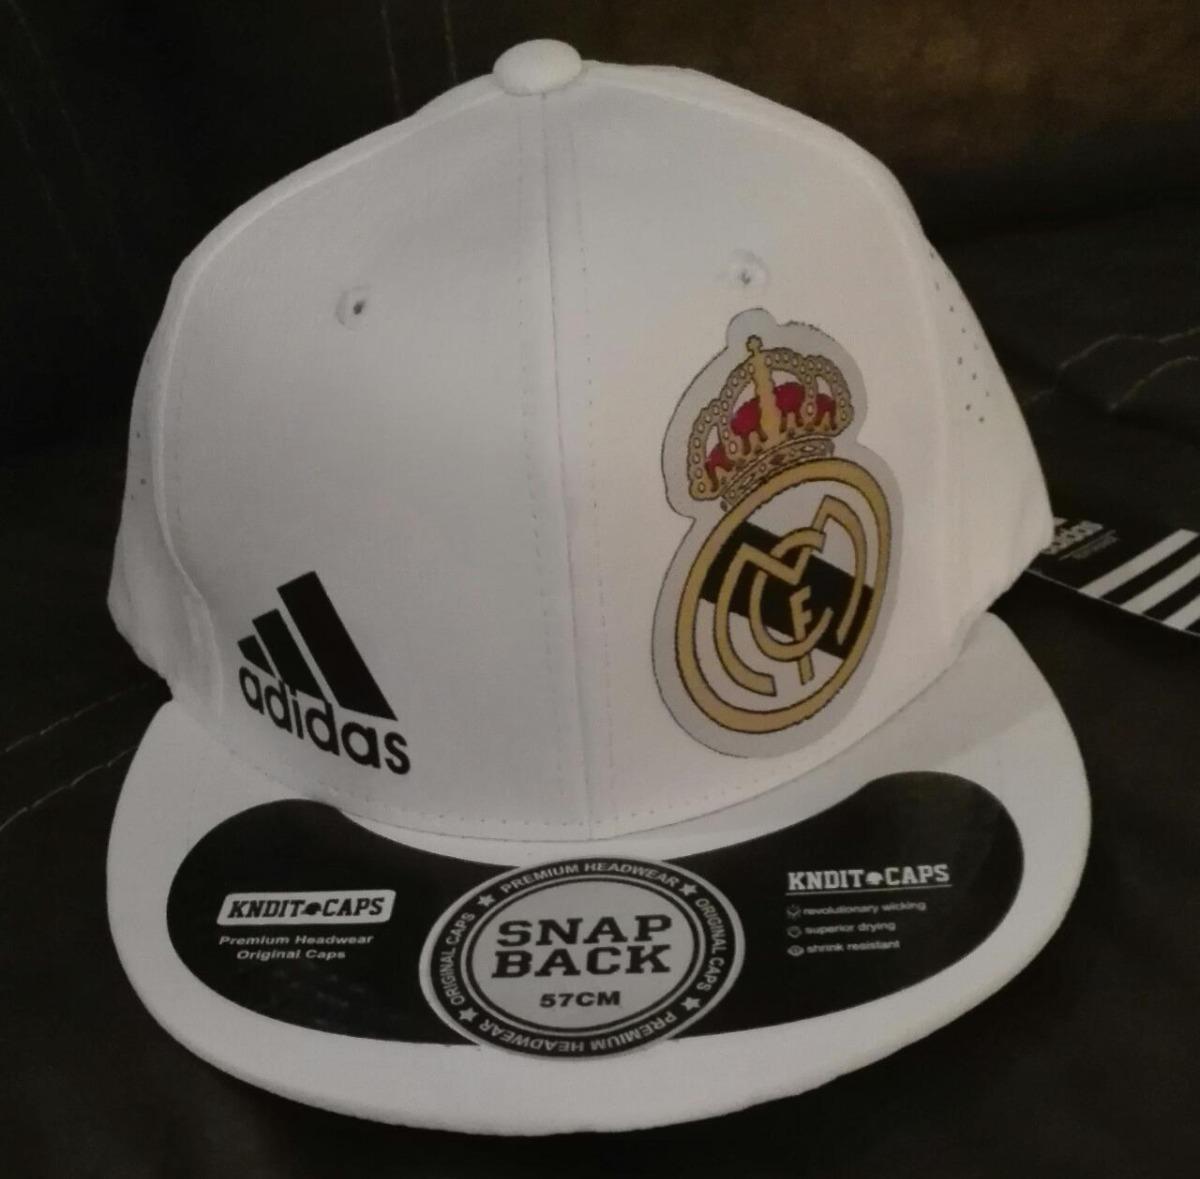 Gorra Real Madrid adidas Visera Plana -   149.00 en Mercado Libre fd6119557d478